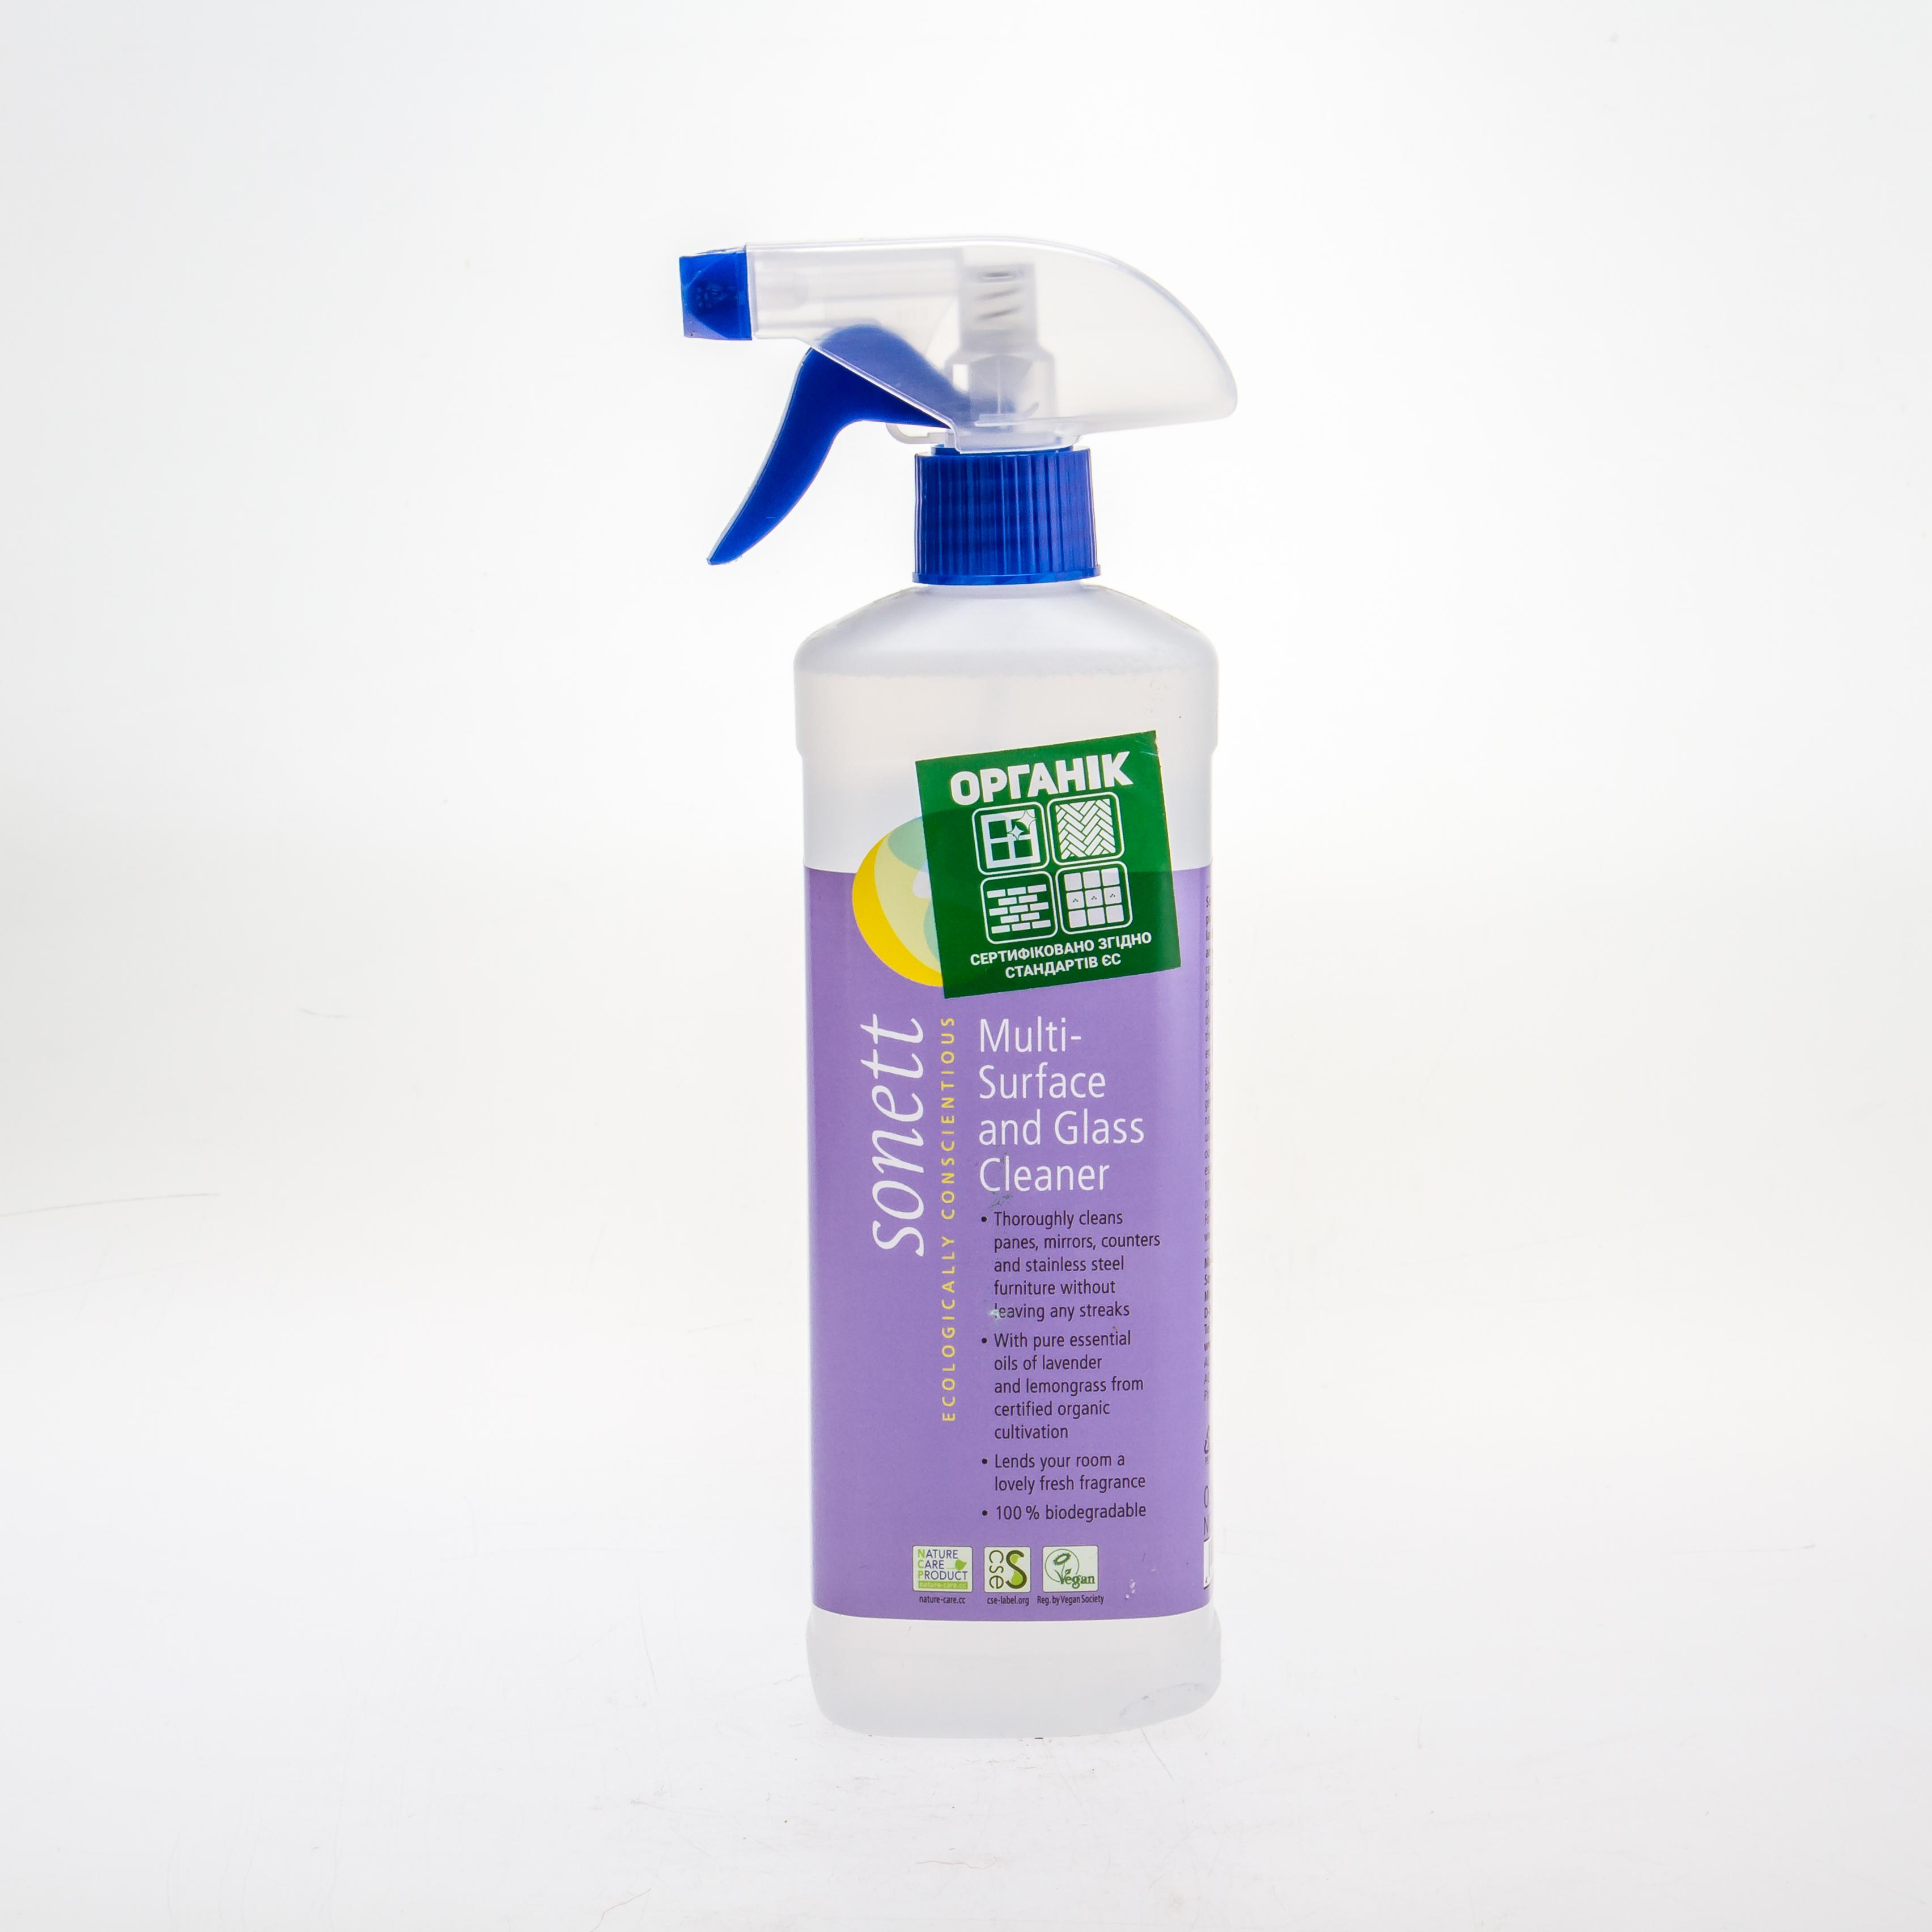 Sonett органічна рідина для миття всіх поверхонь і скла. Концентрат, 500 мл